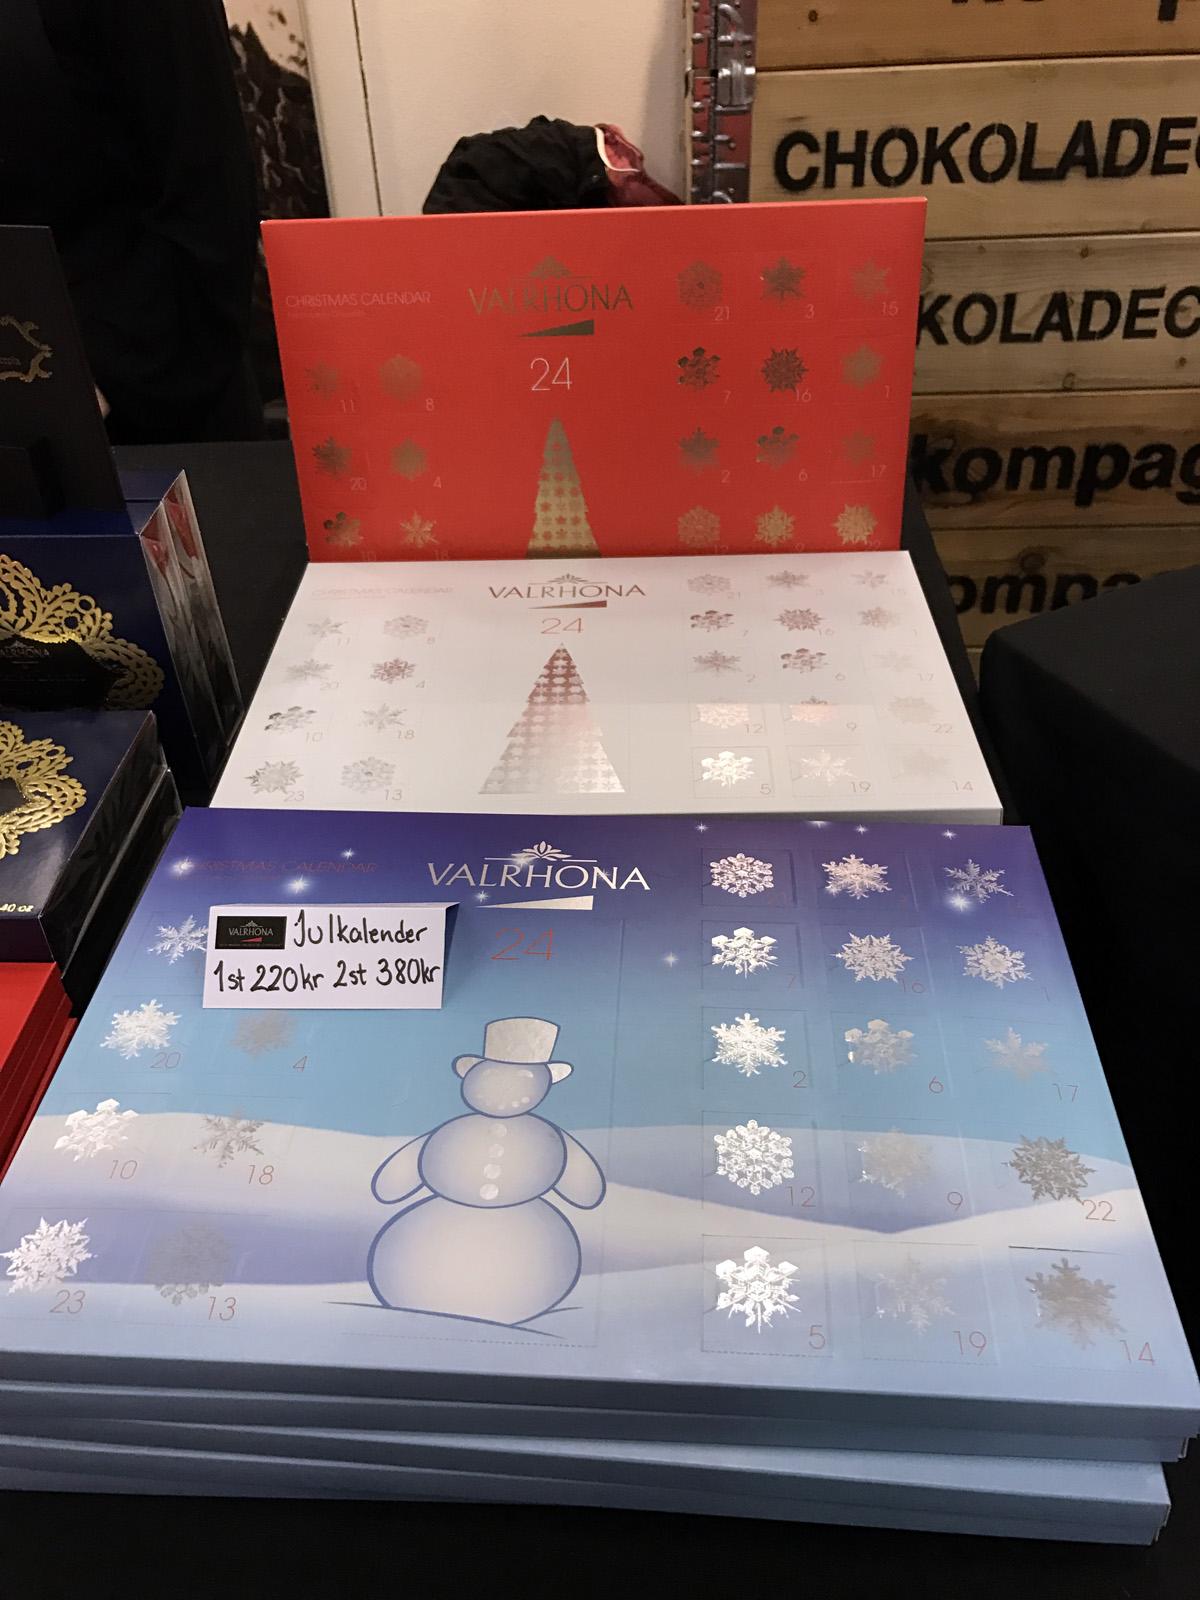 Chokladkalender från Valrhona